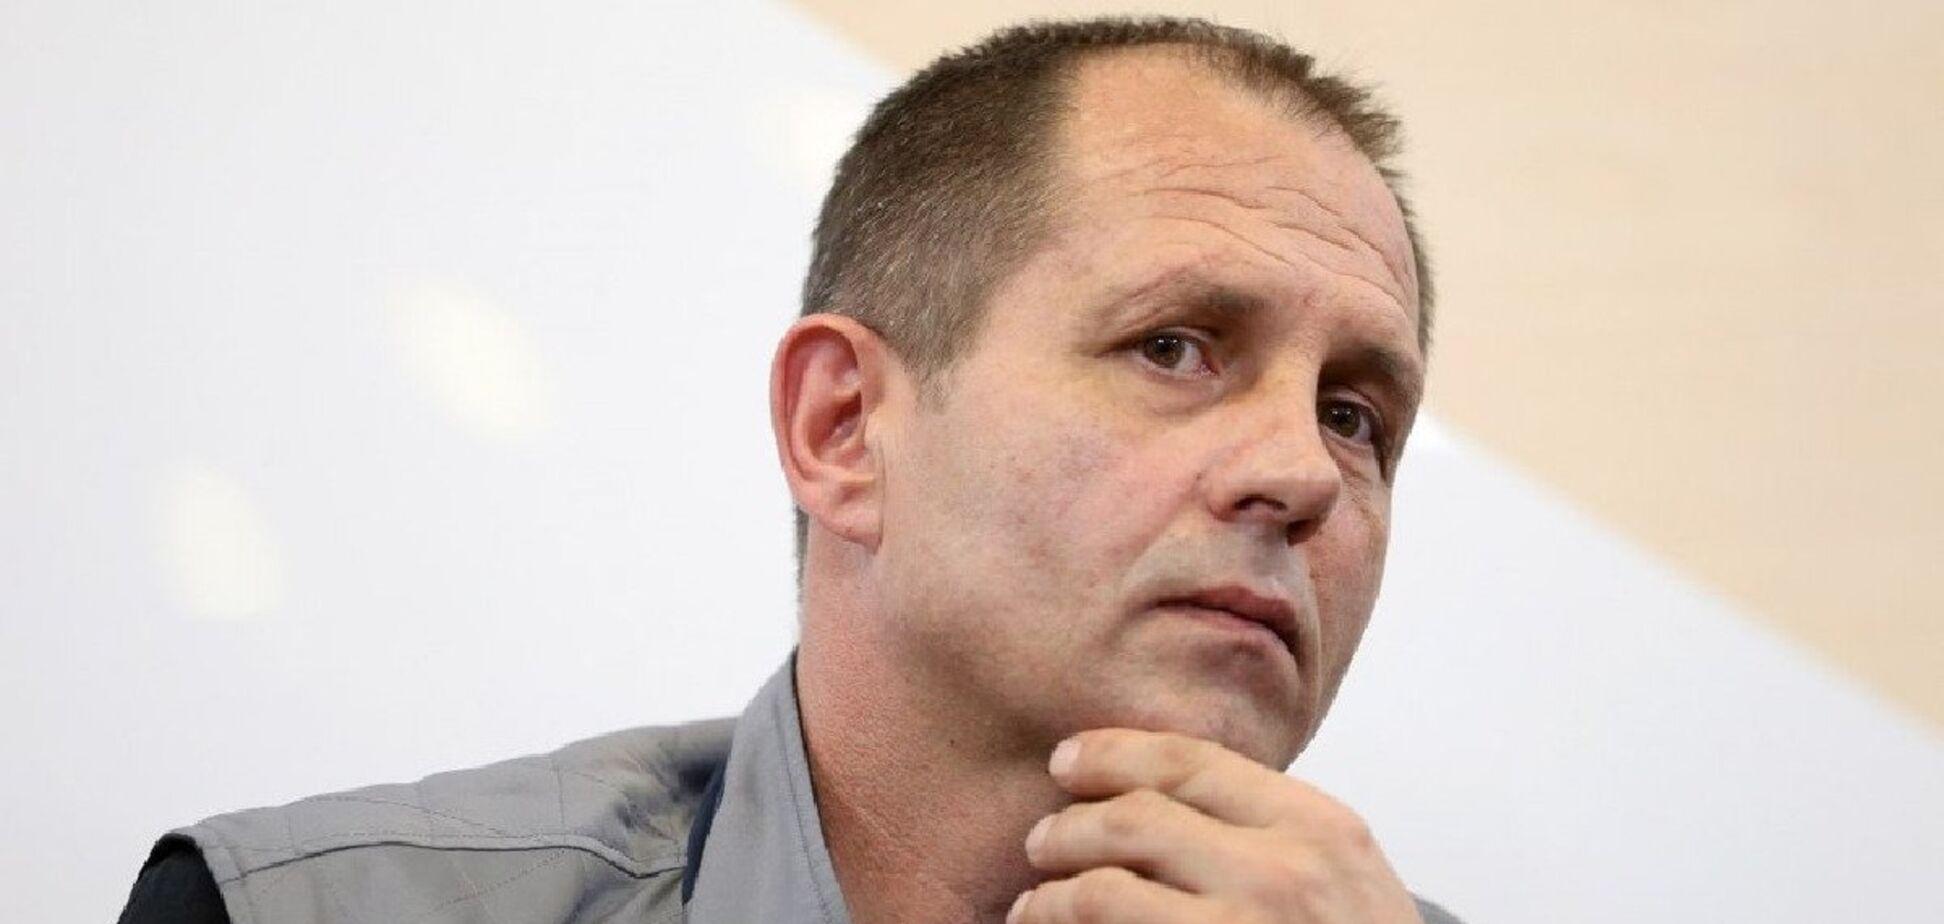 Балух пришел в сознание, но врачи ввели его в кому, – Сущенко